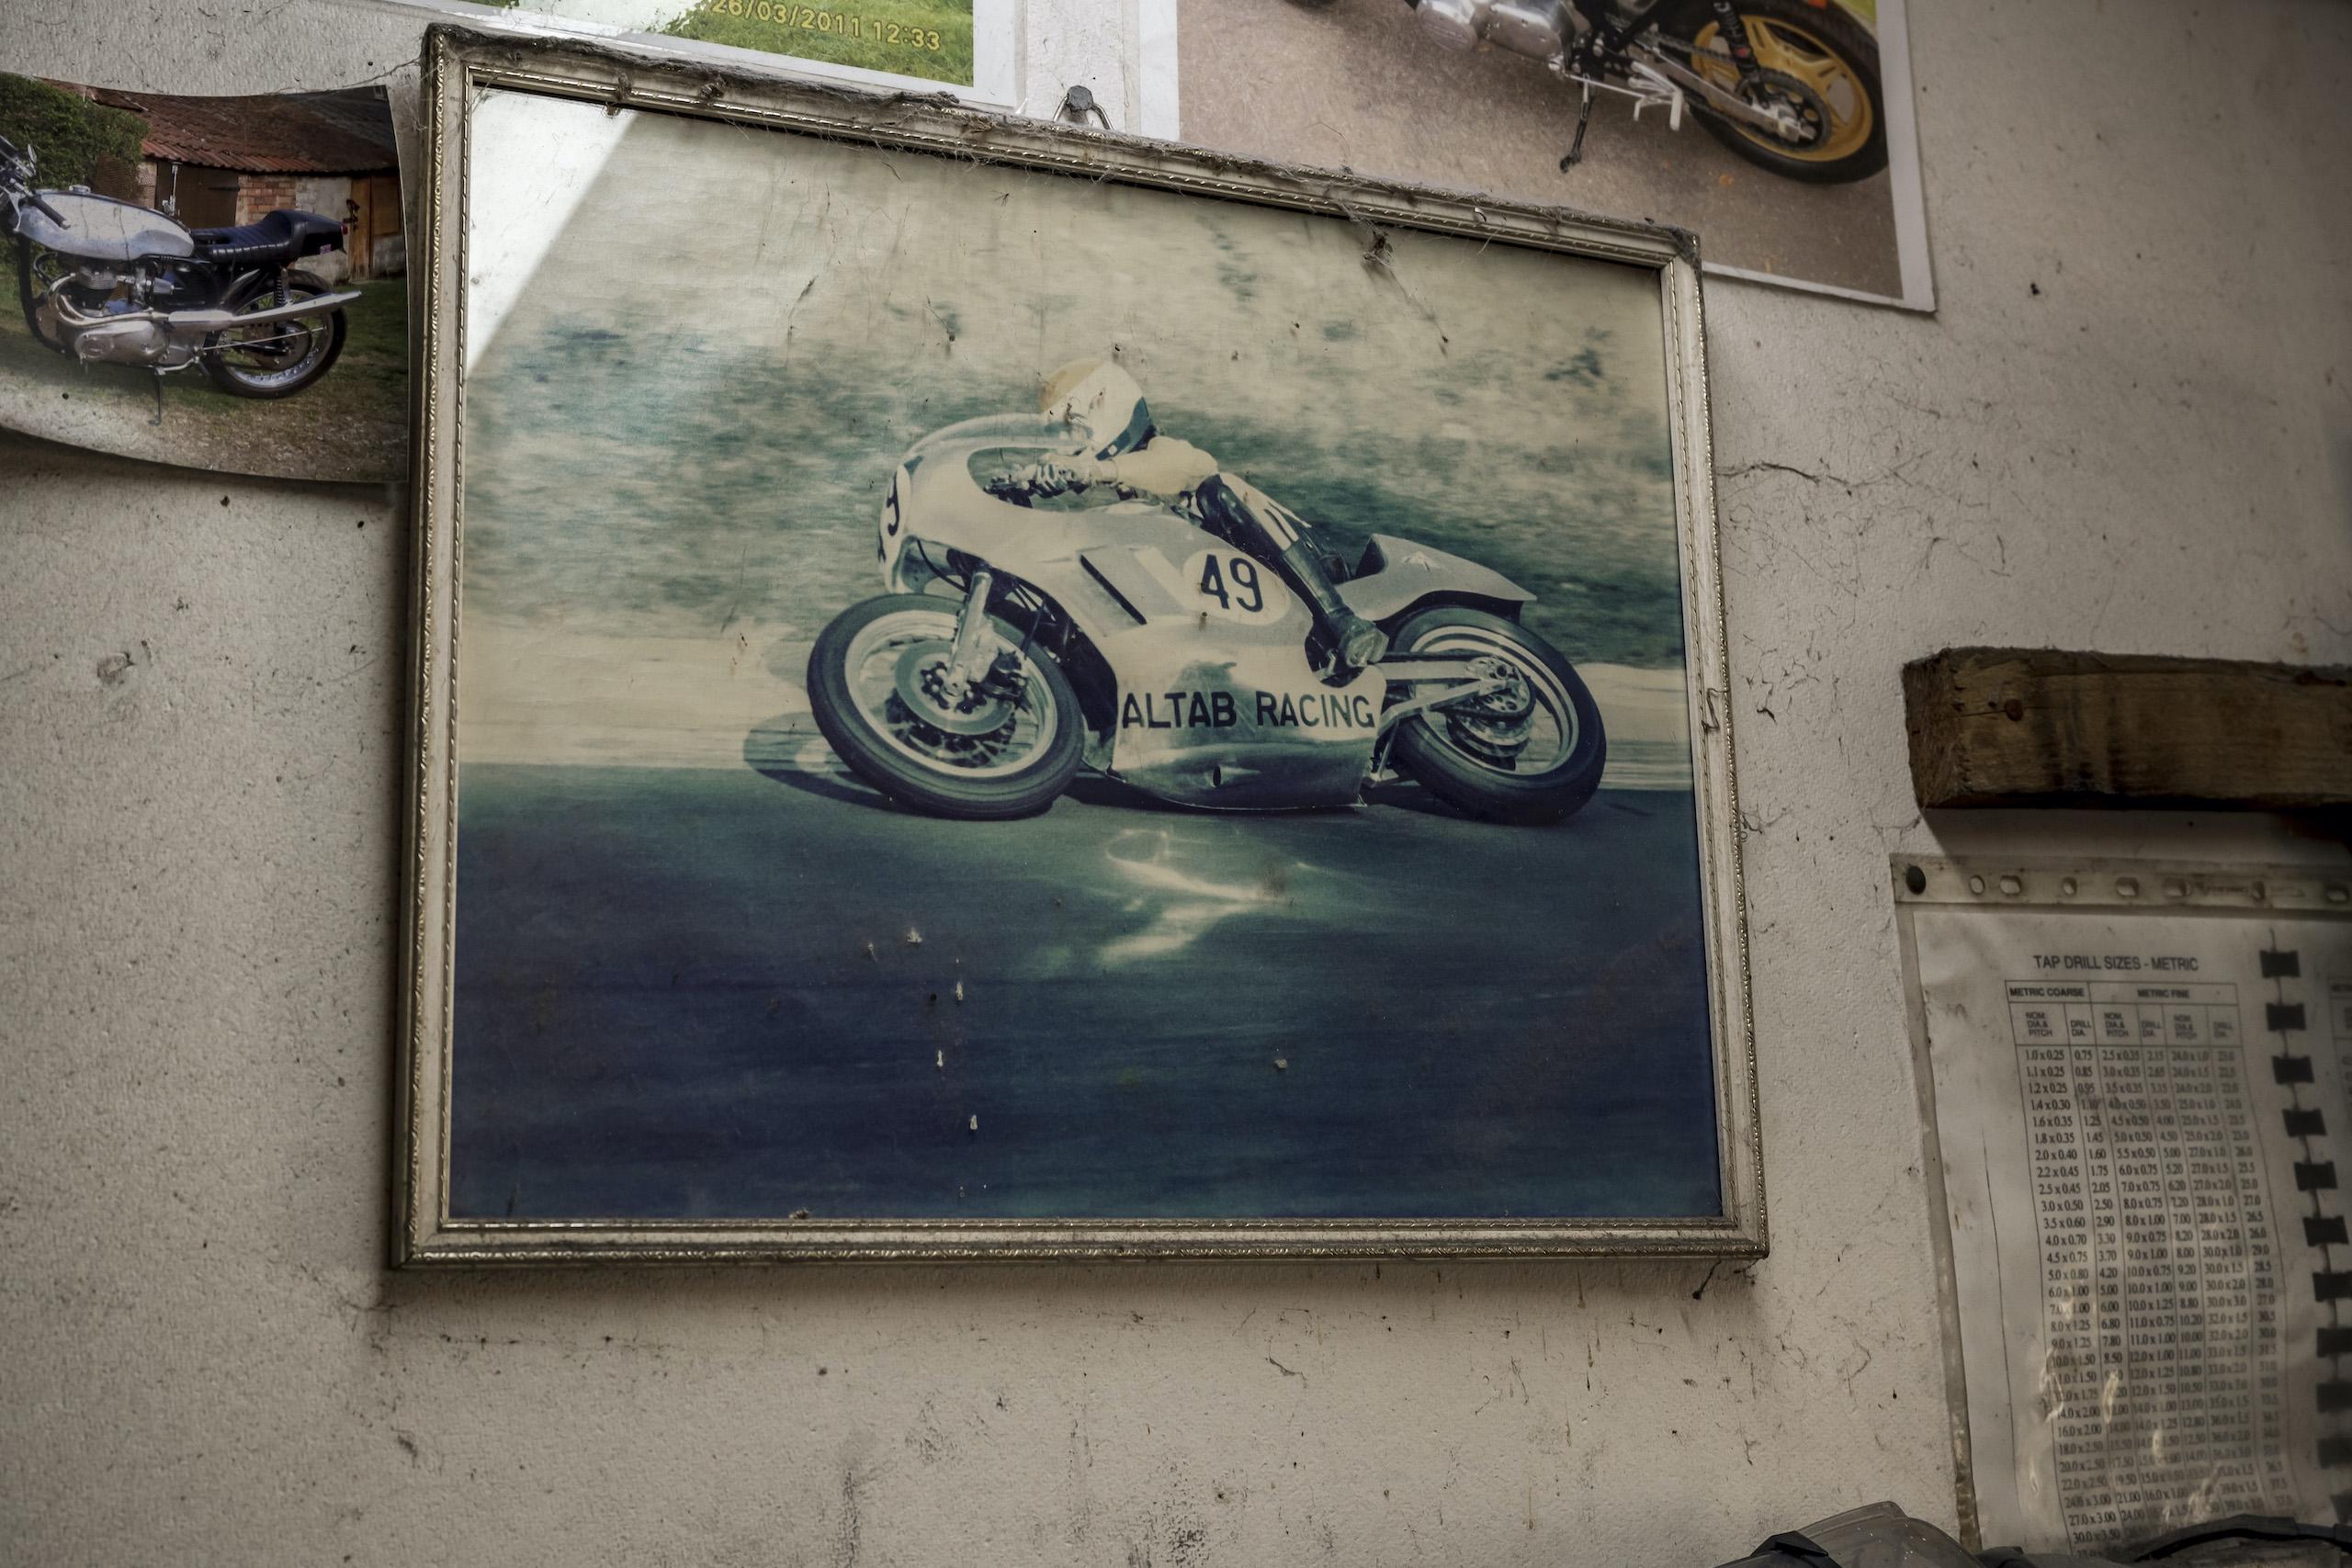 TAB II Classics altab racing wall photo